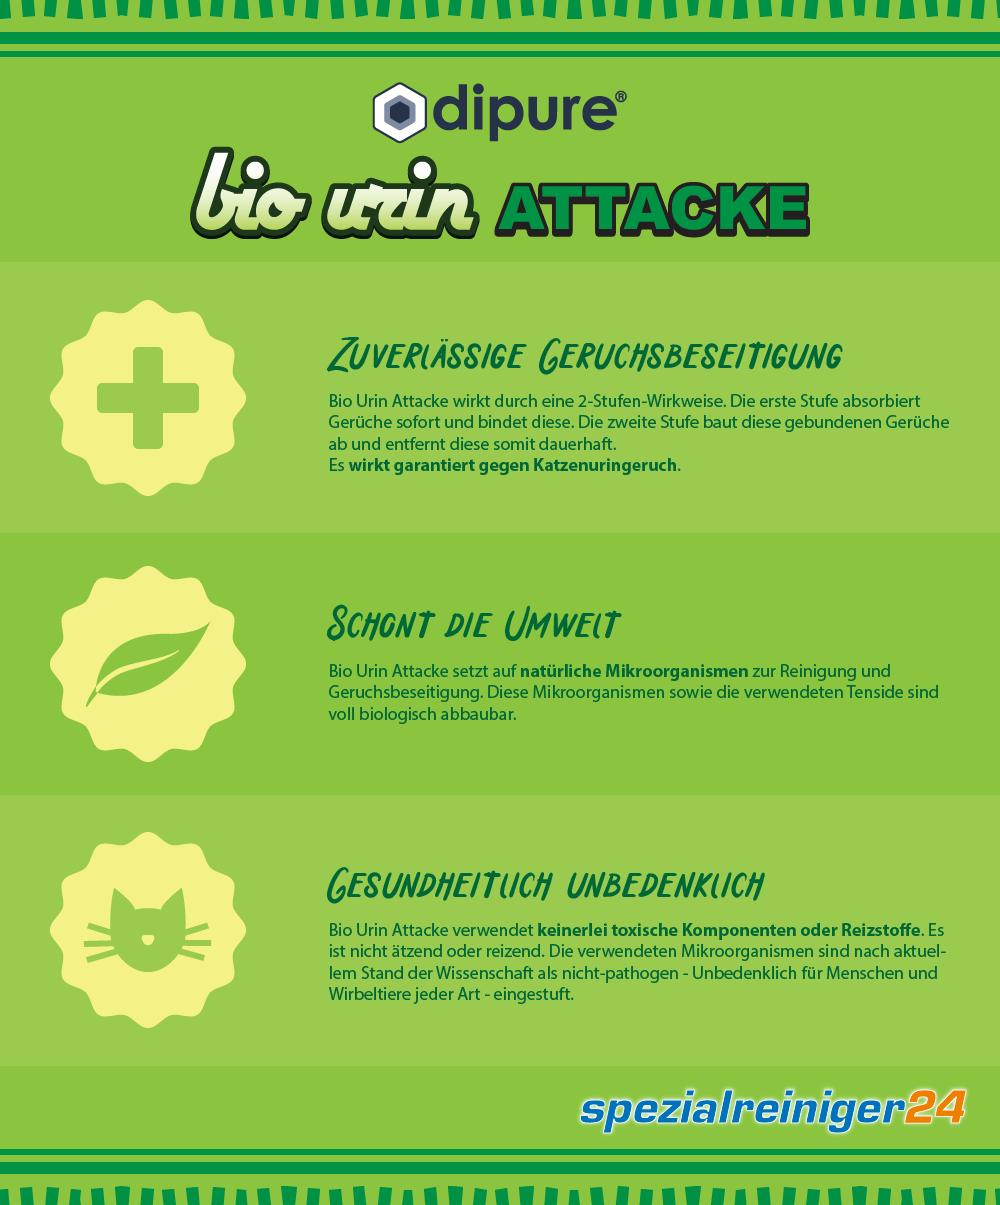 Bio Urin Attacke Infografik